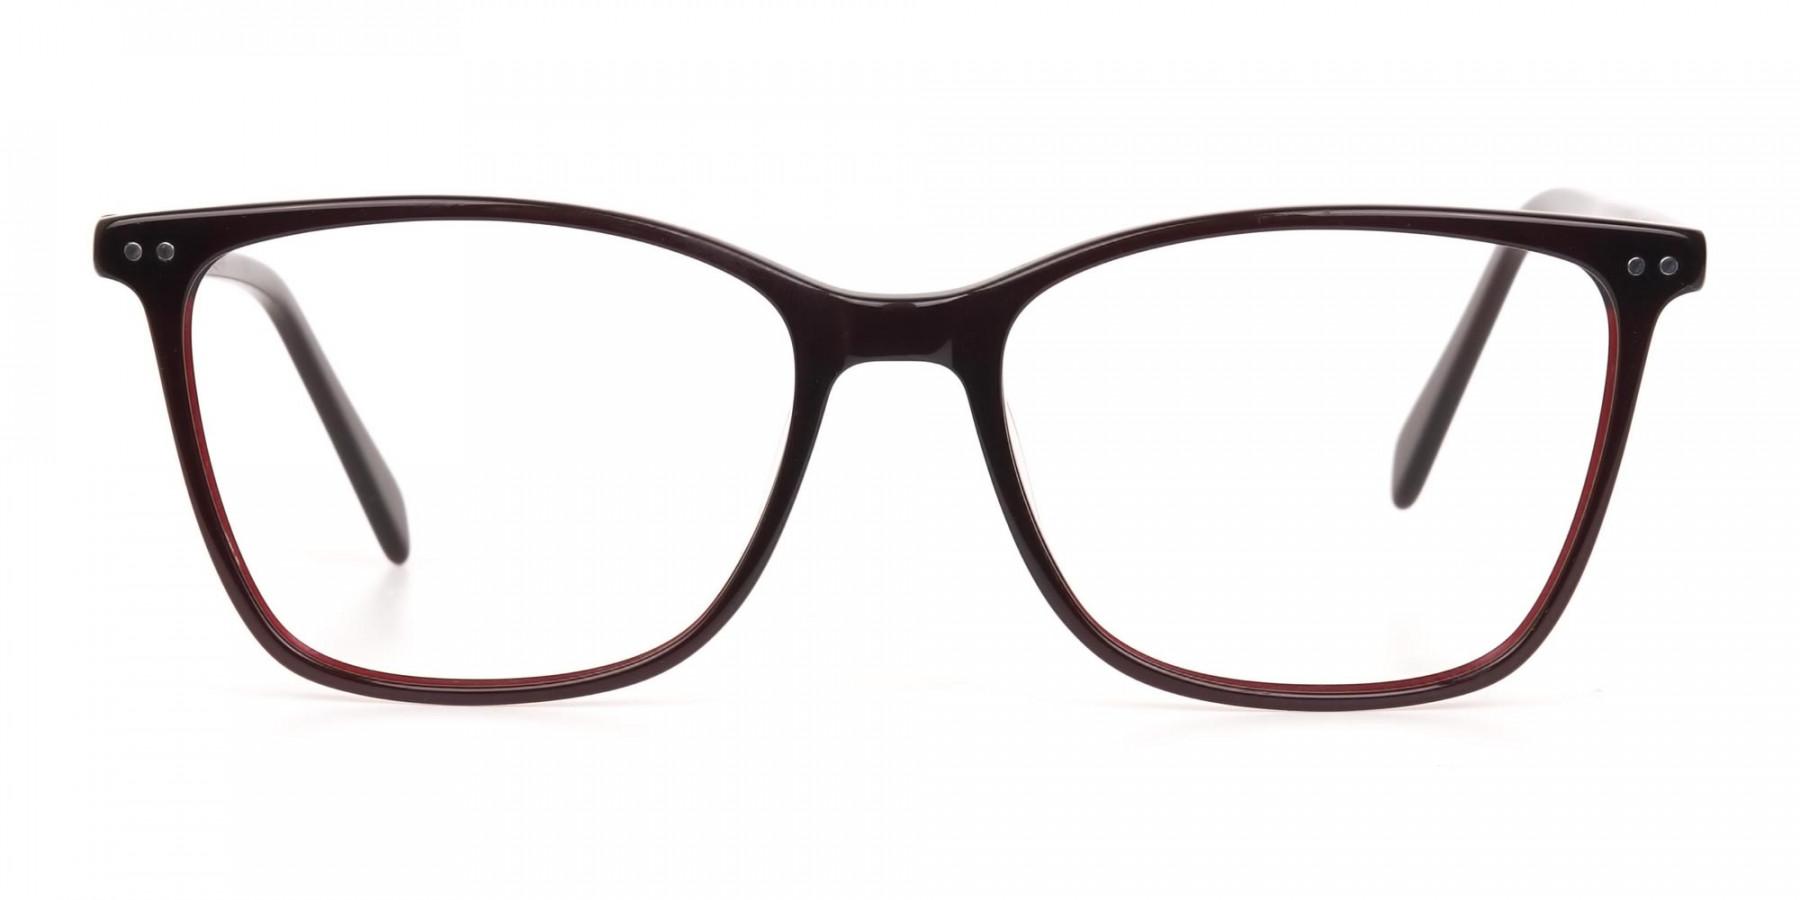 Designer Burgundy Brown Eyeglasses For Women-1